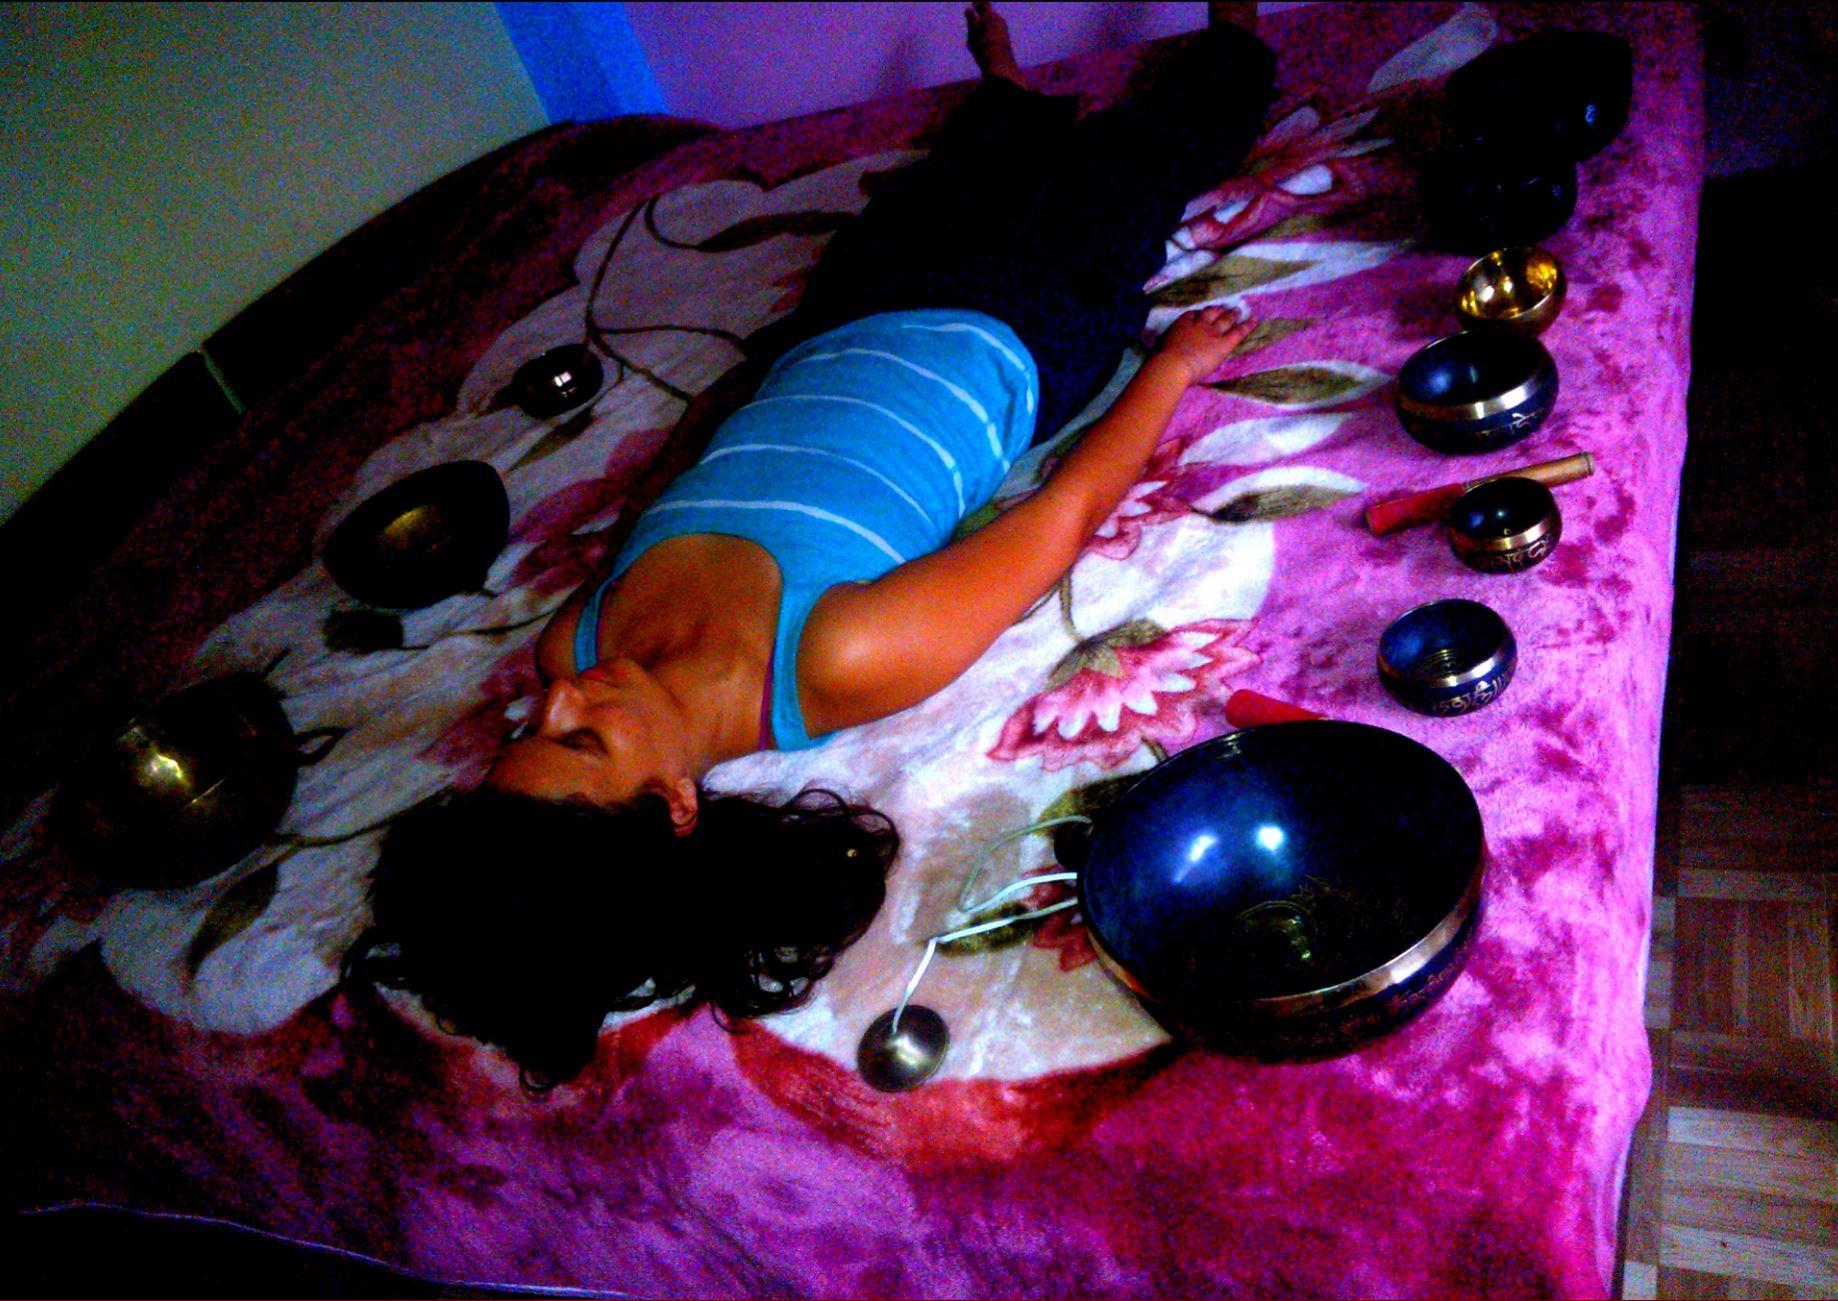 tibetian singing bowls sound healing in india